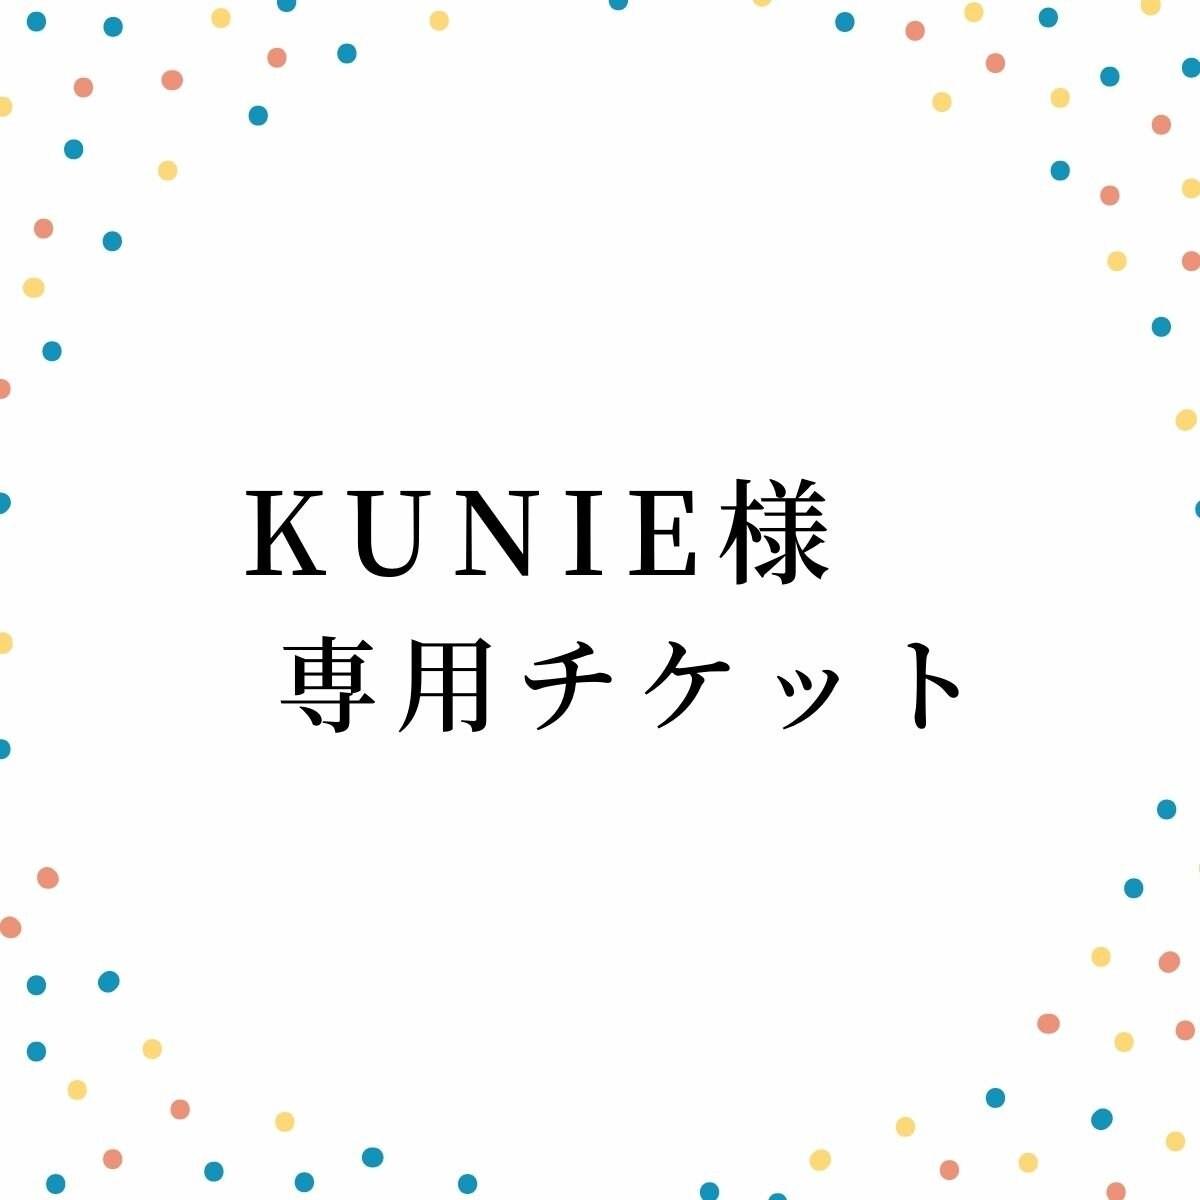 Kunie様 専用チケットのイメージその1